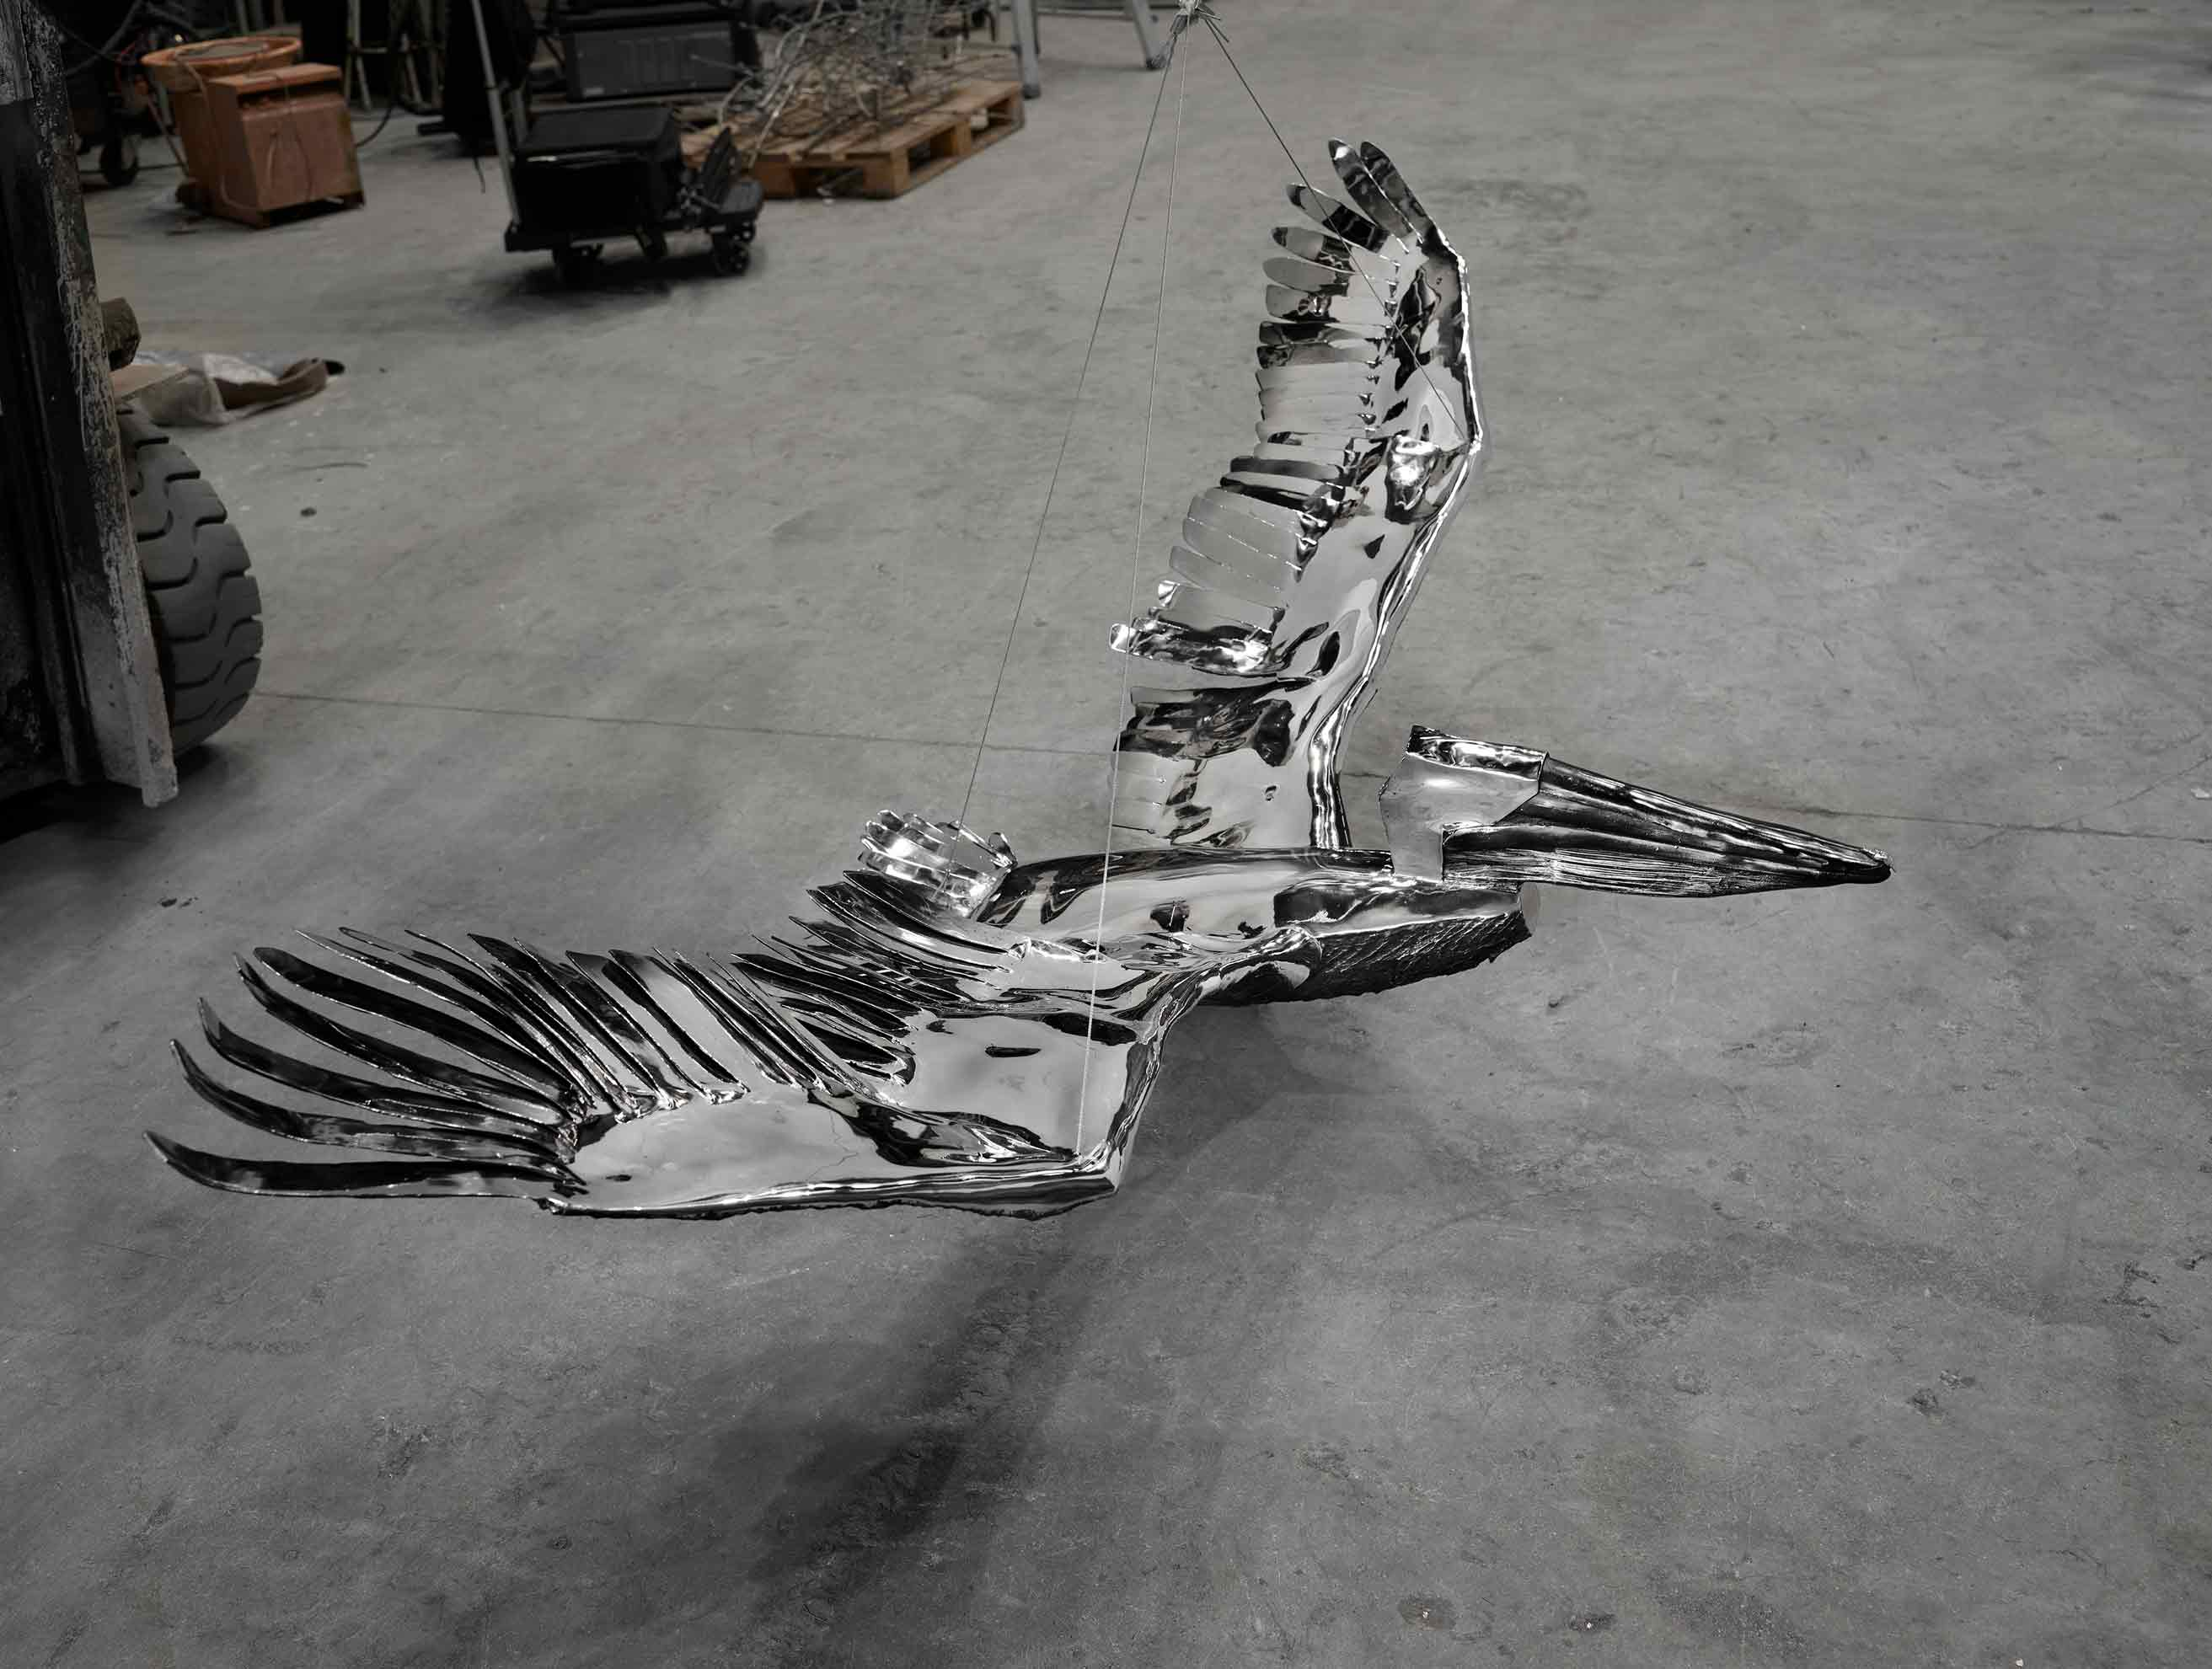 Proyecto escultórico: #PelicansFlyTogether, de Ktherine Taylor, en acero inoxidable. Fundida en Alfa Arte, instalada en St. Paul´s School, Concord, NH. USA